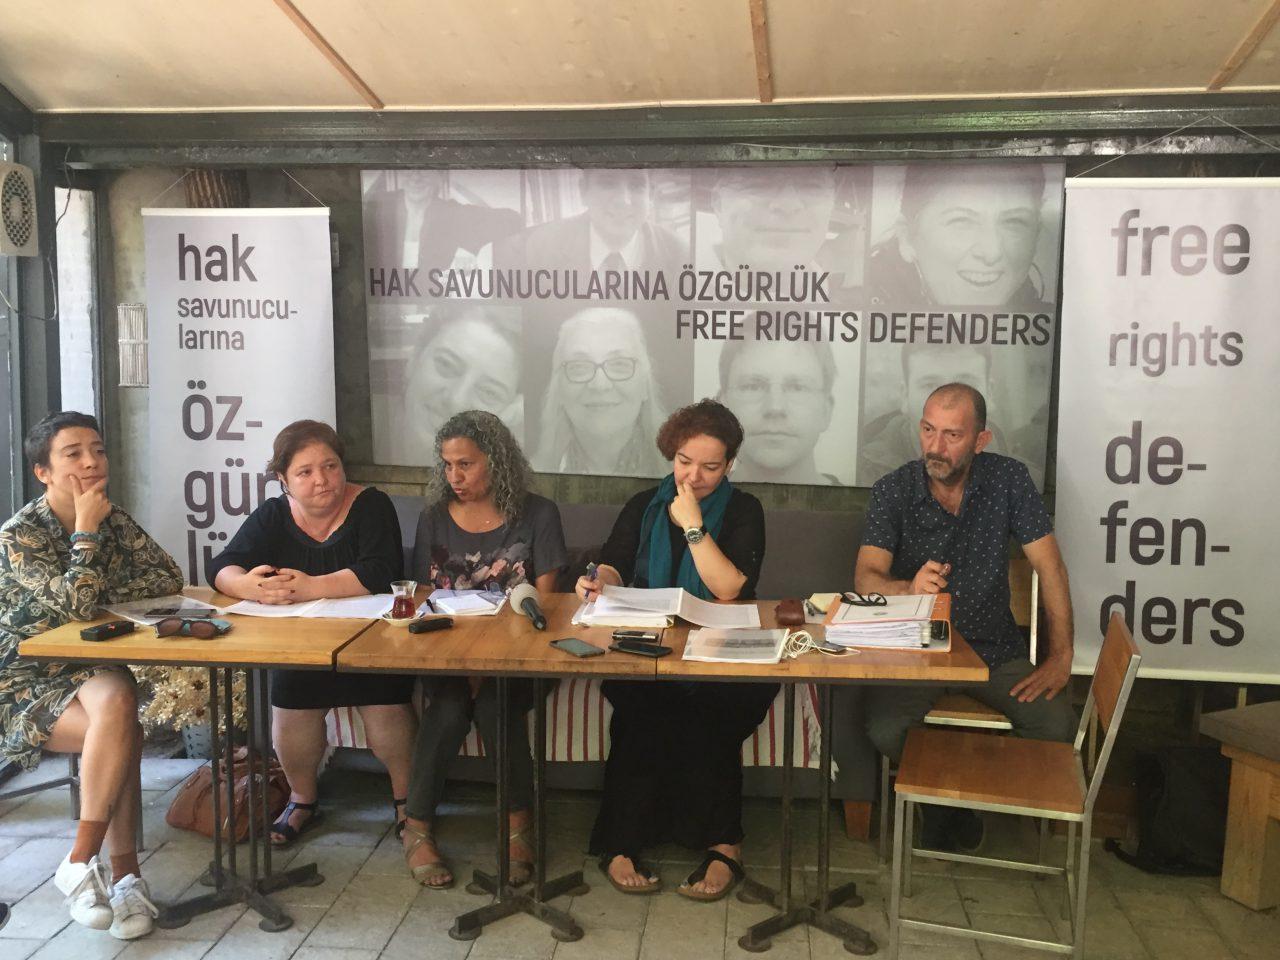 Türkiye Spastik Çocuklar Vakfı insan kaynakları ve muhasebe sorumlularını arıyor